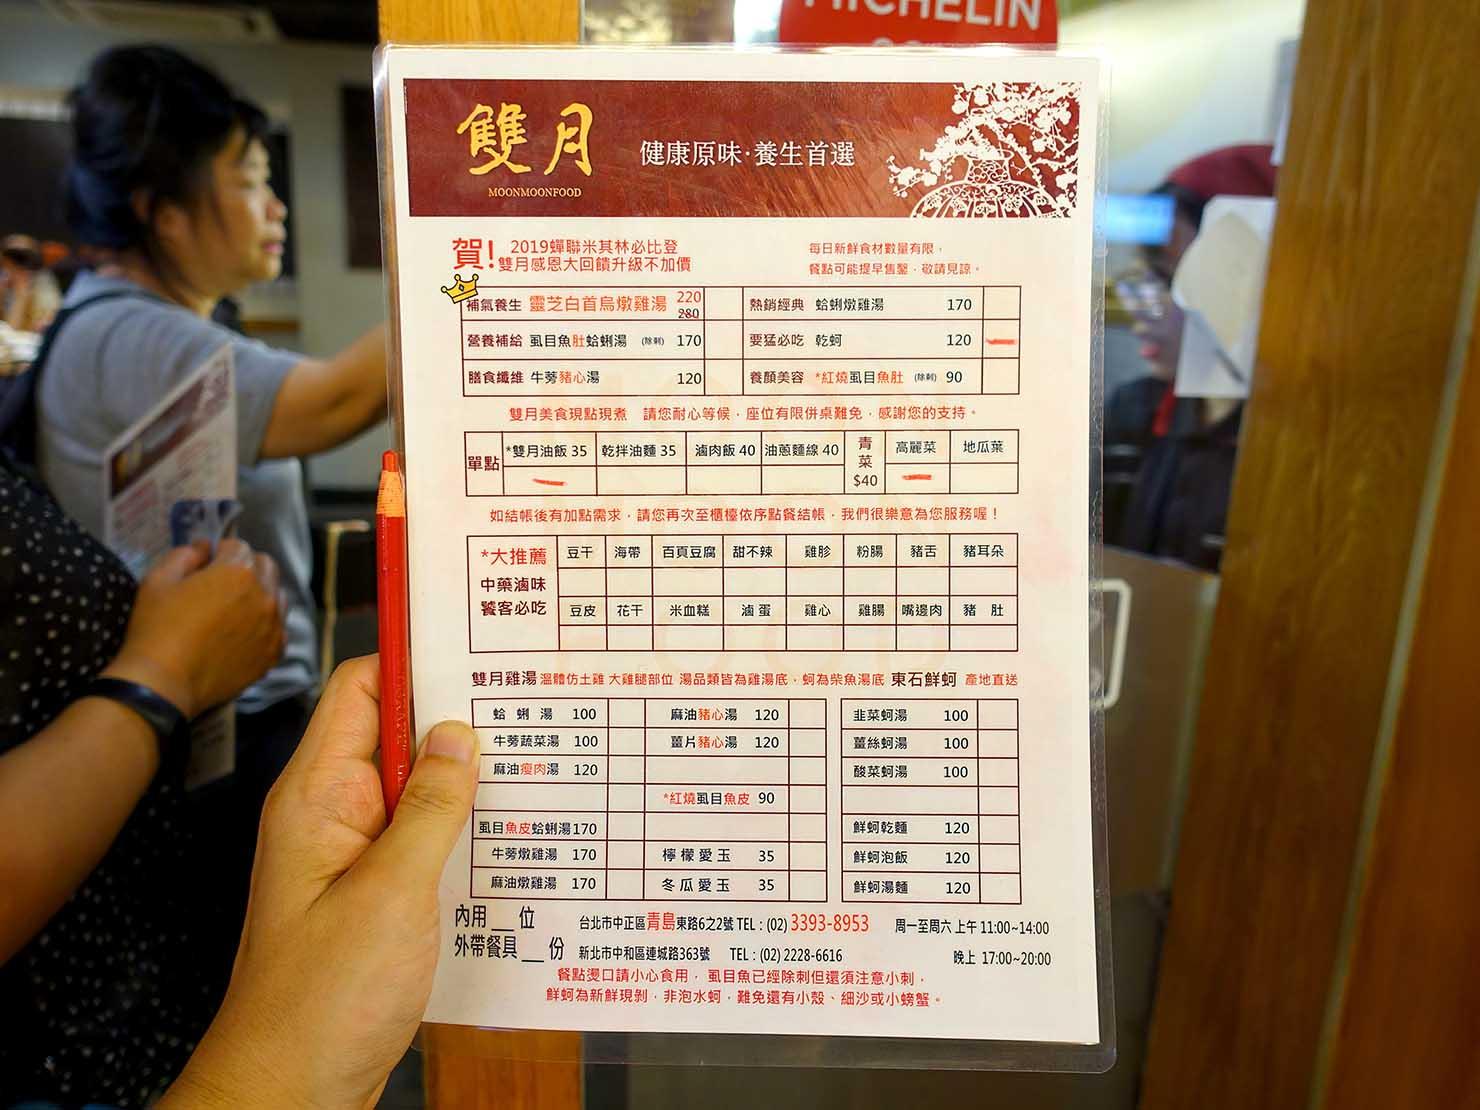 台北・善導寺のおすすめグルメ店「雙月食品社」のメニュー